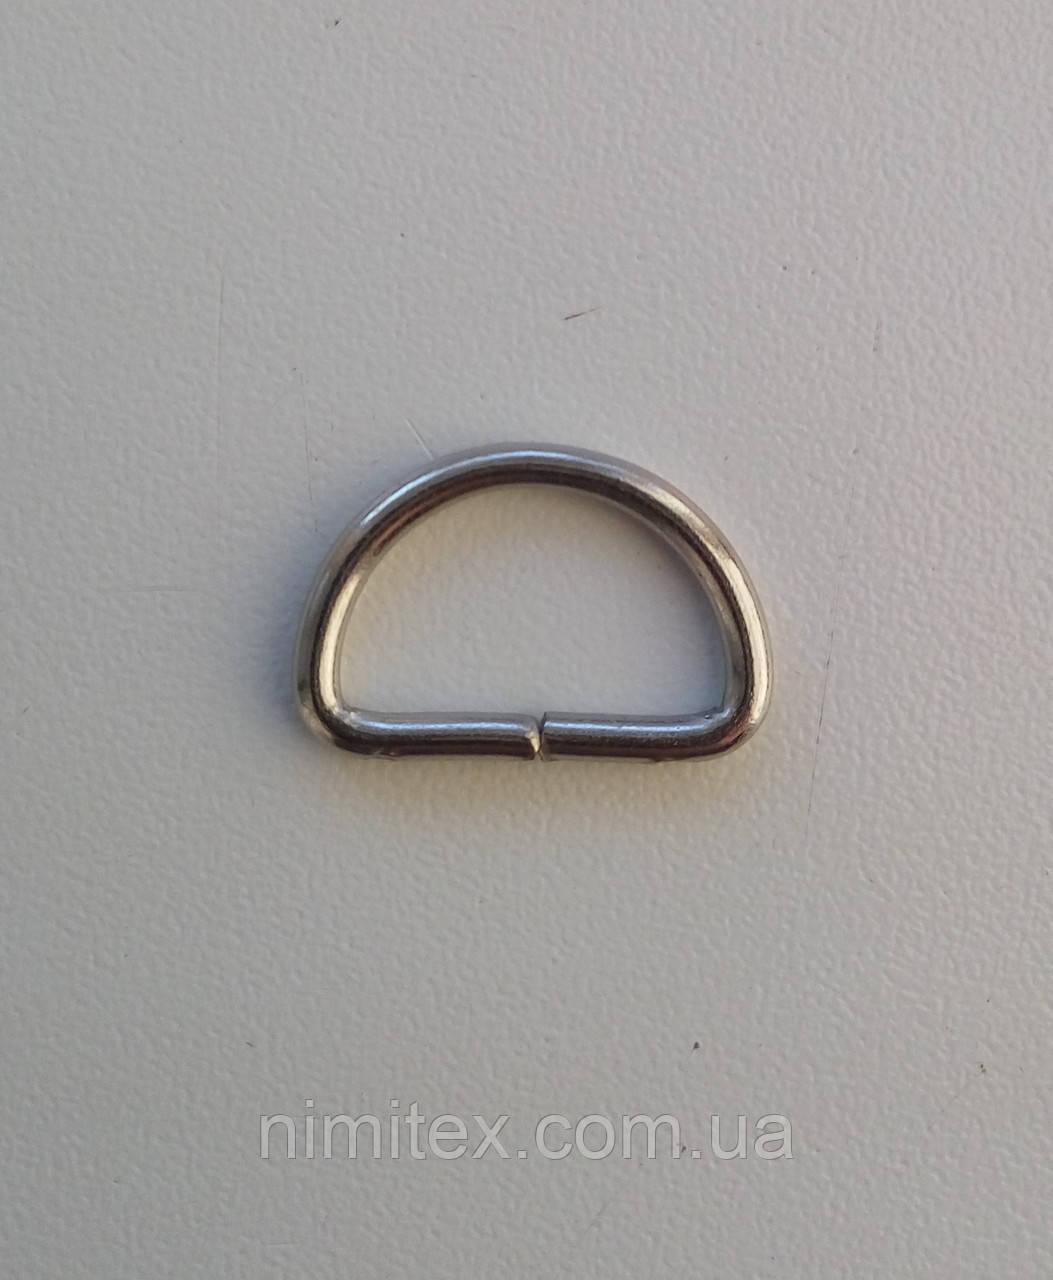 Півкільце дротове 15 мм нікель